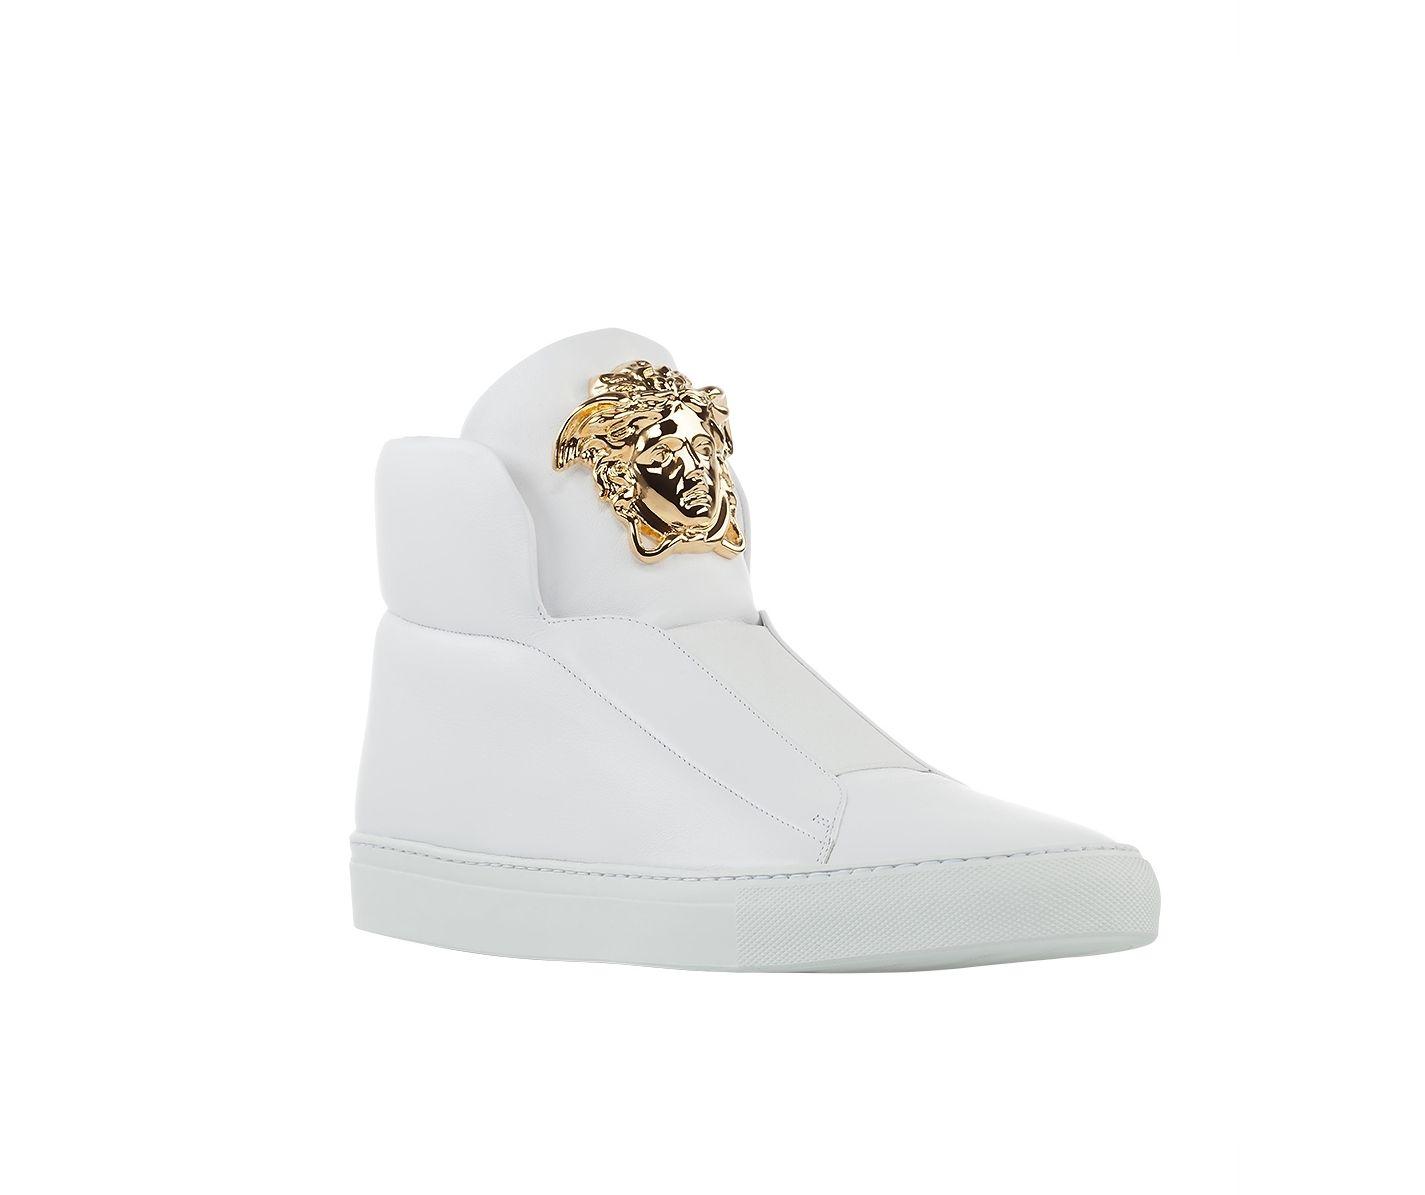 05f4c8bdc5 Versace Slip-On High-Top Leather Sneakers. #VersaceSneakers #Versace ...